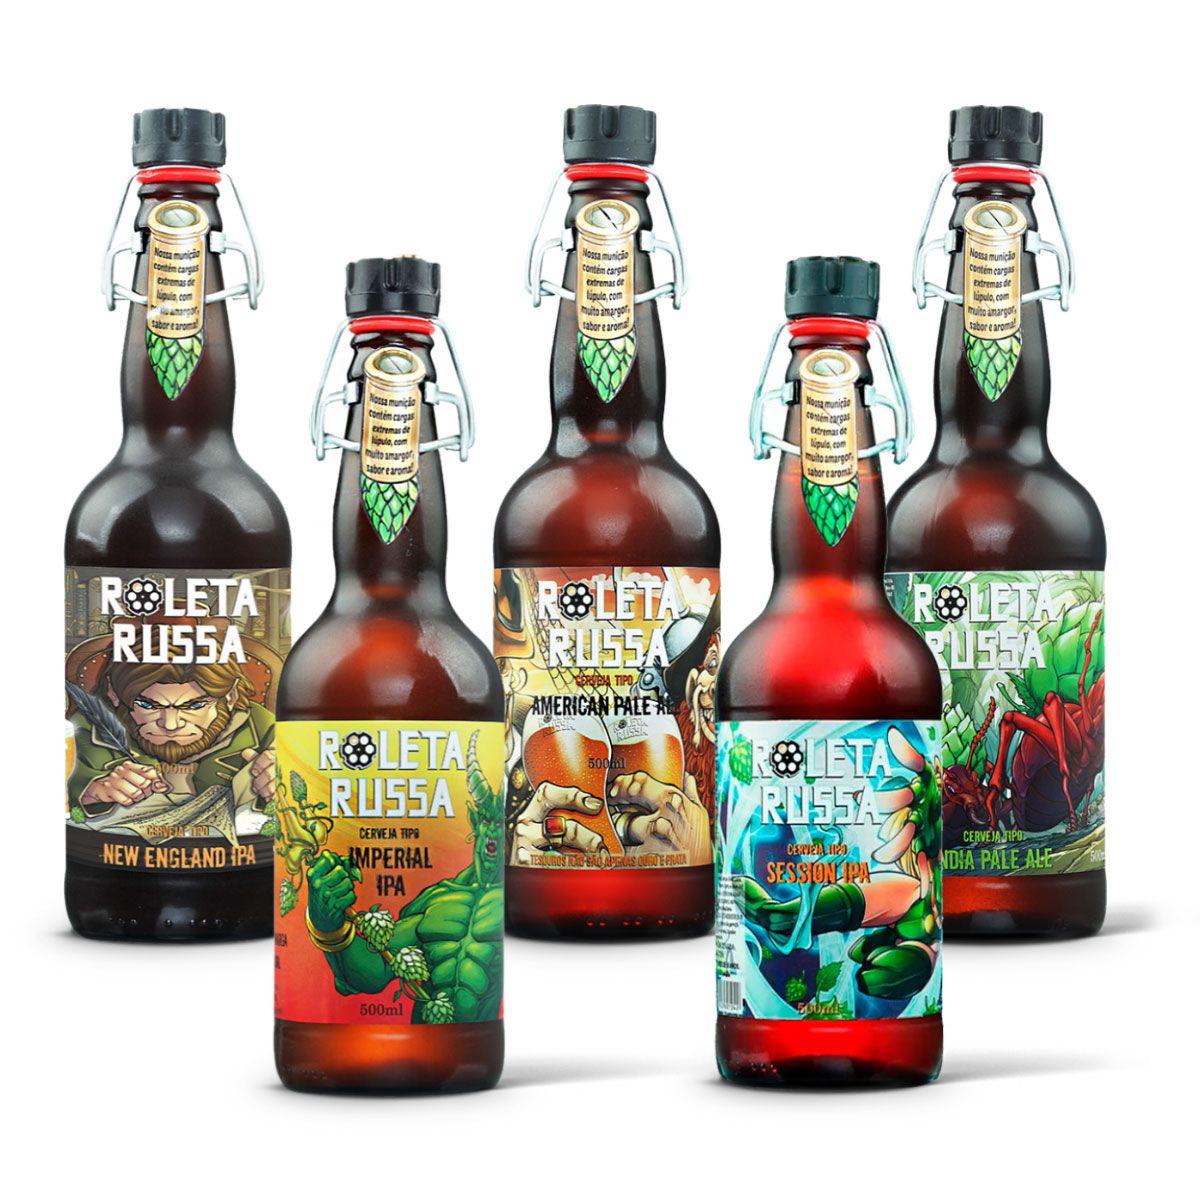 Kit degustação Roleta Russa 5 cervejas  - RS BEER - Cervejas Gaúchas